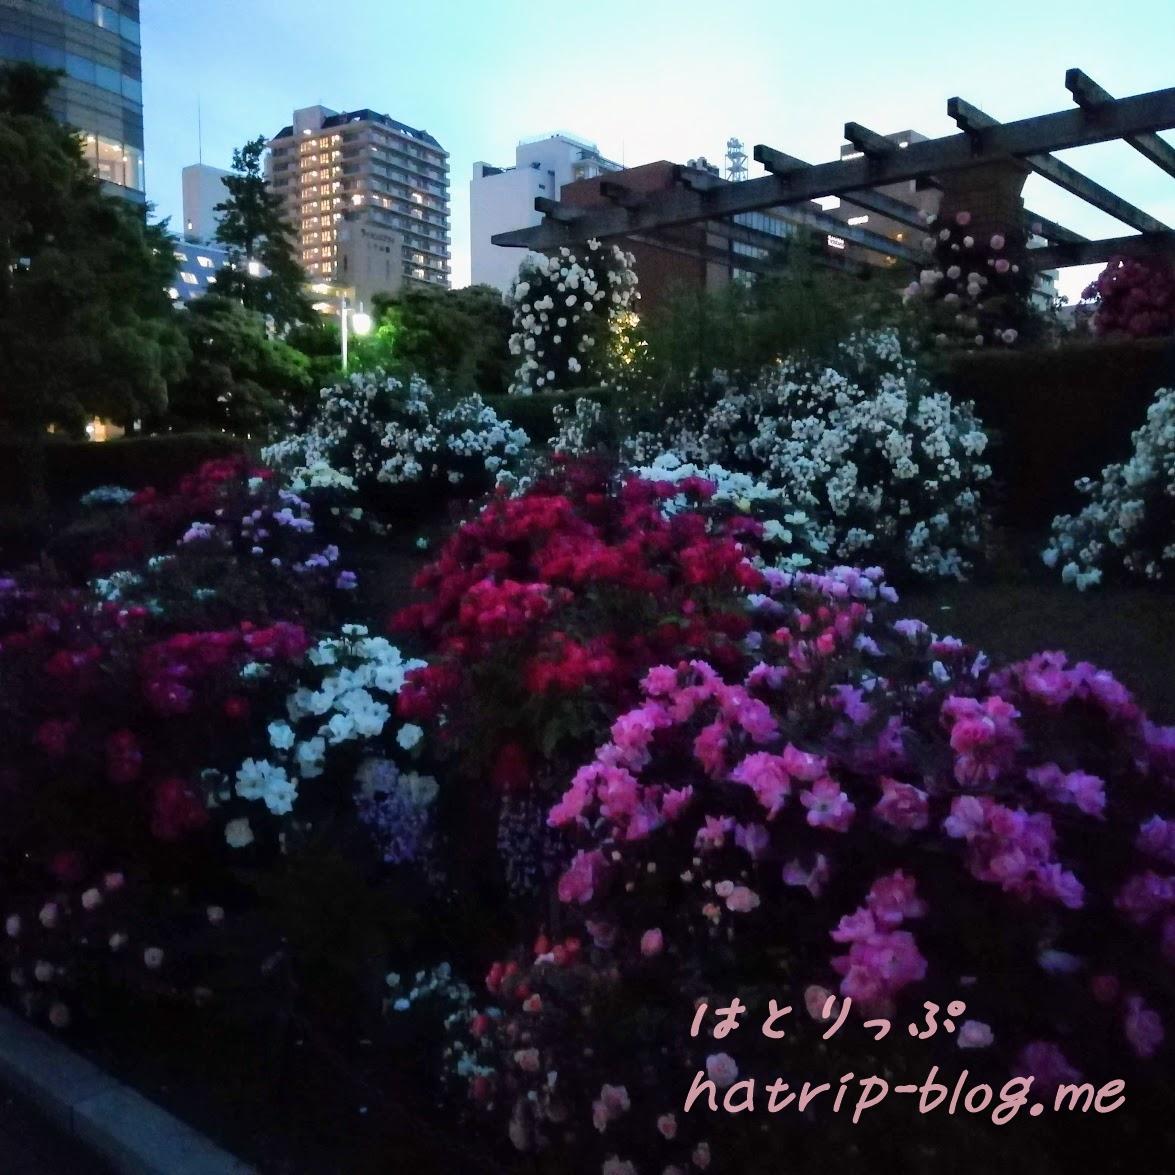 横浜 山下公園 未来のバラ園